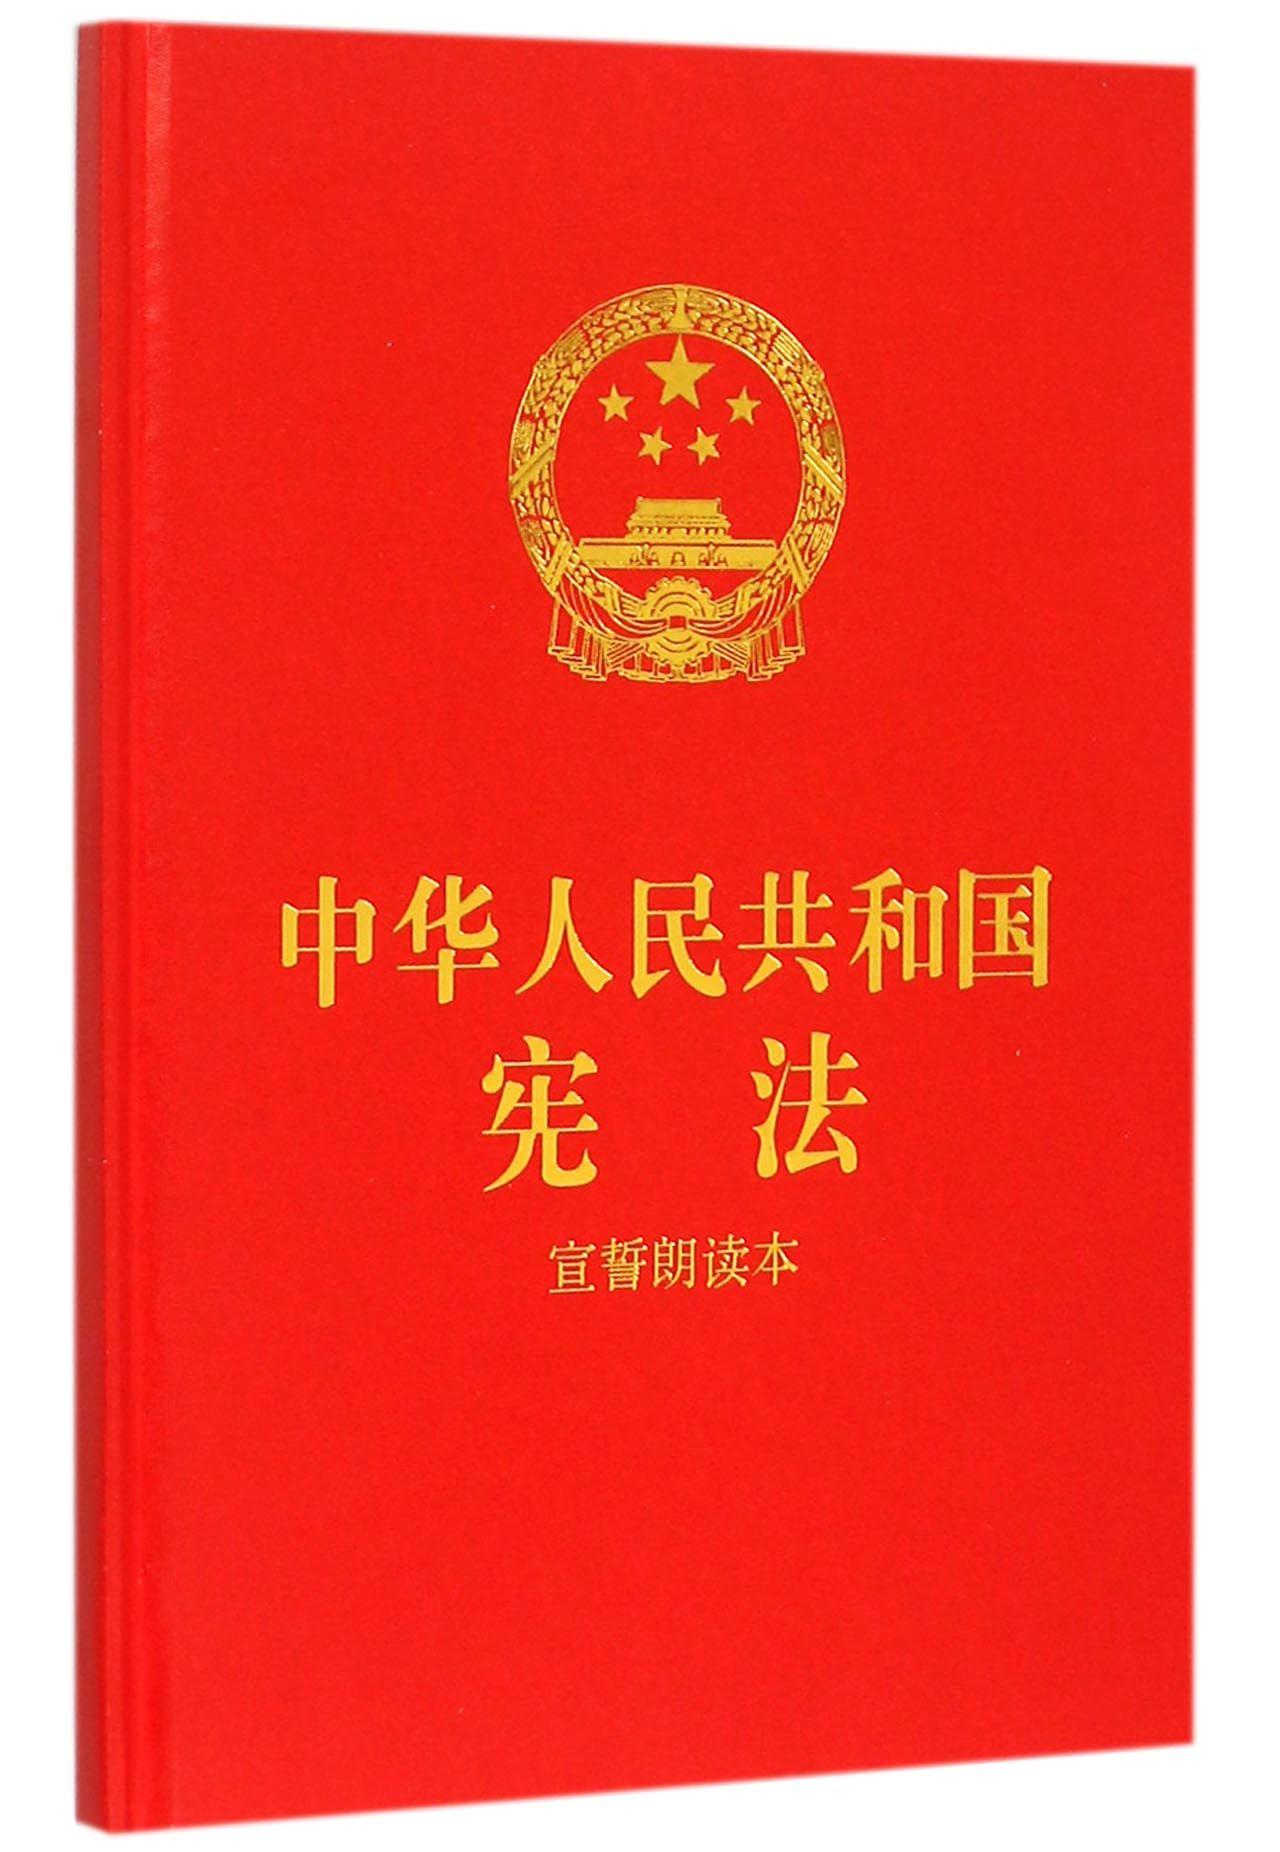 中華人民共和國憲法(